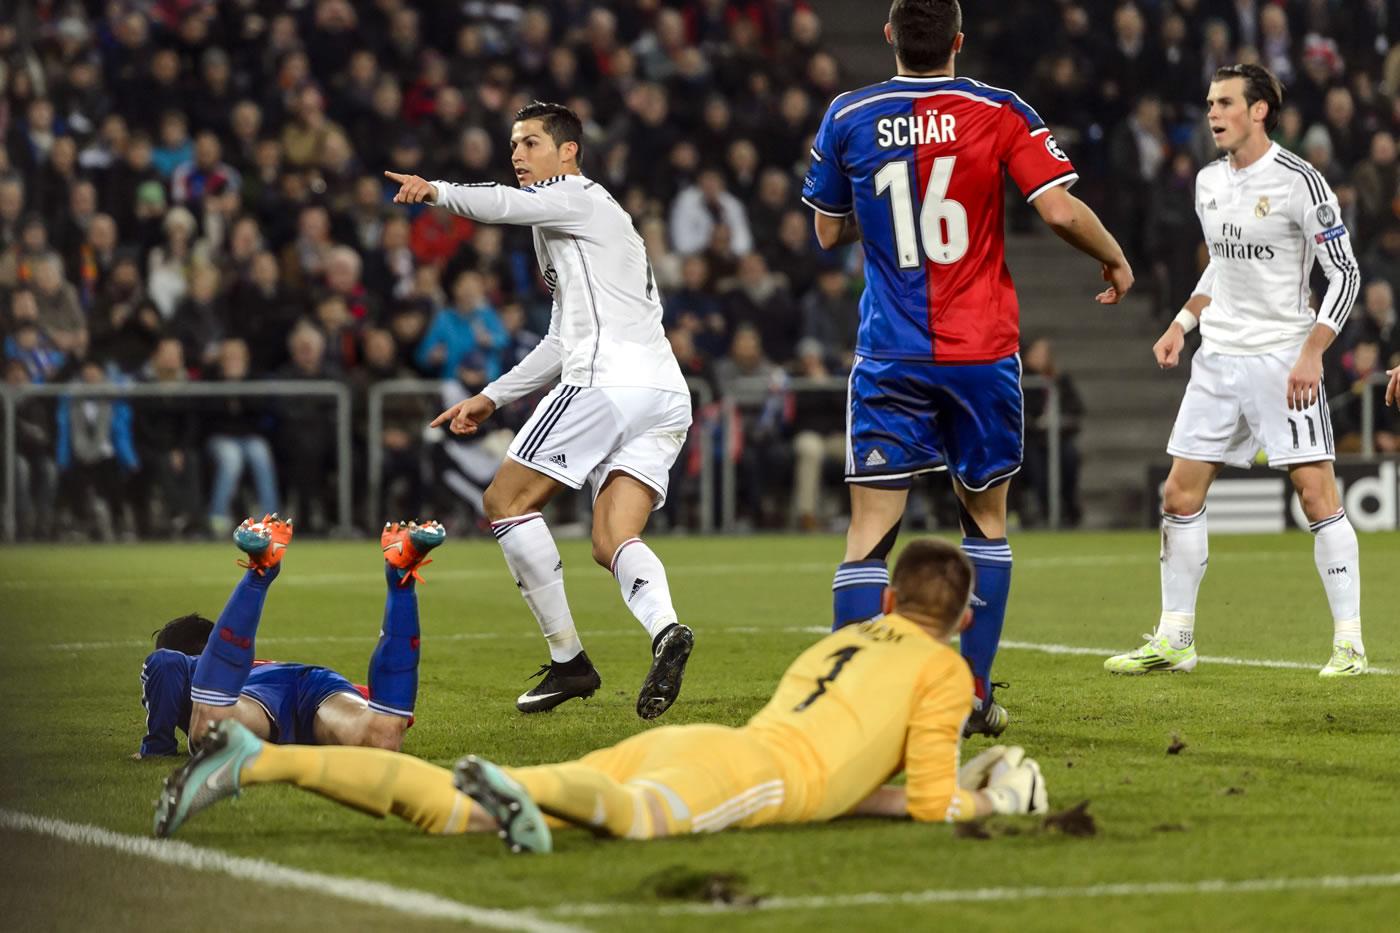 Basilea 0-1 Real Madrid (Champions League)